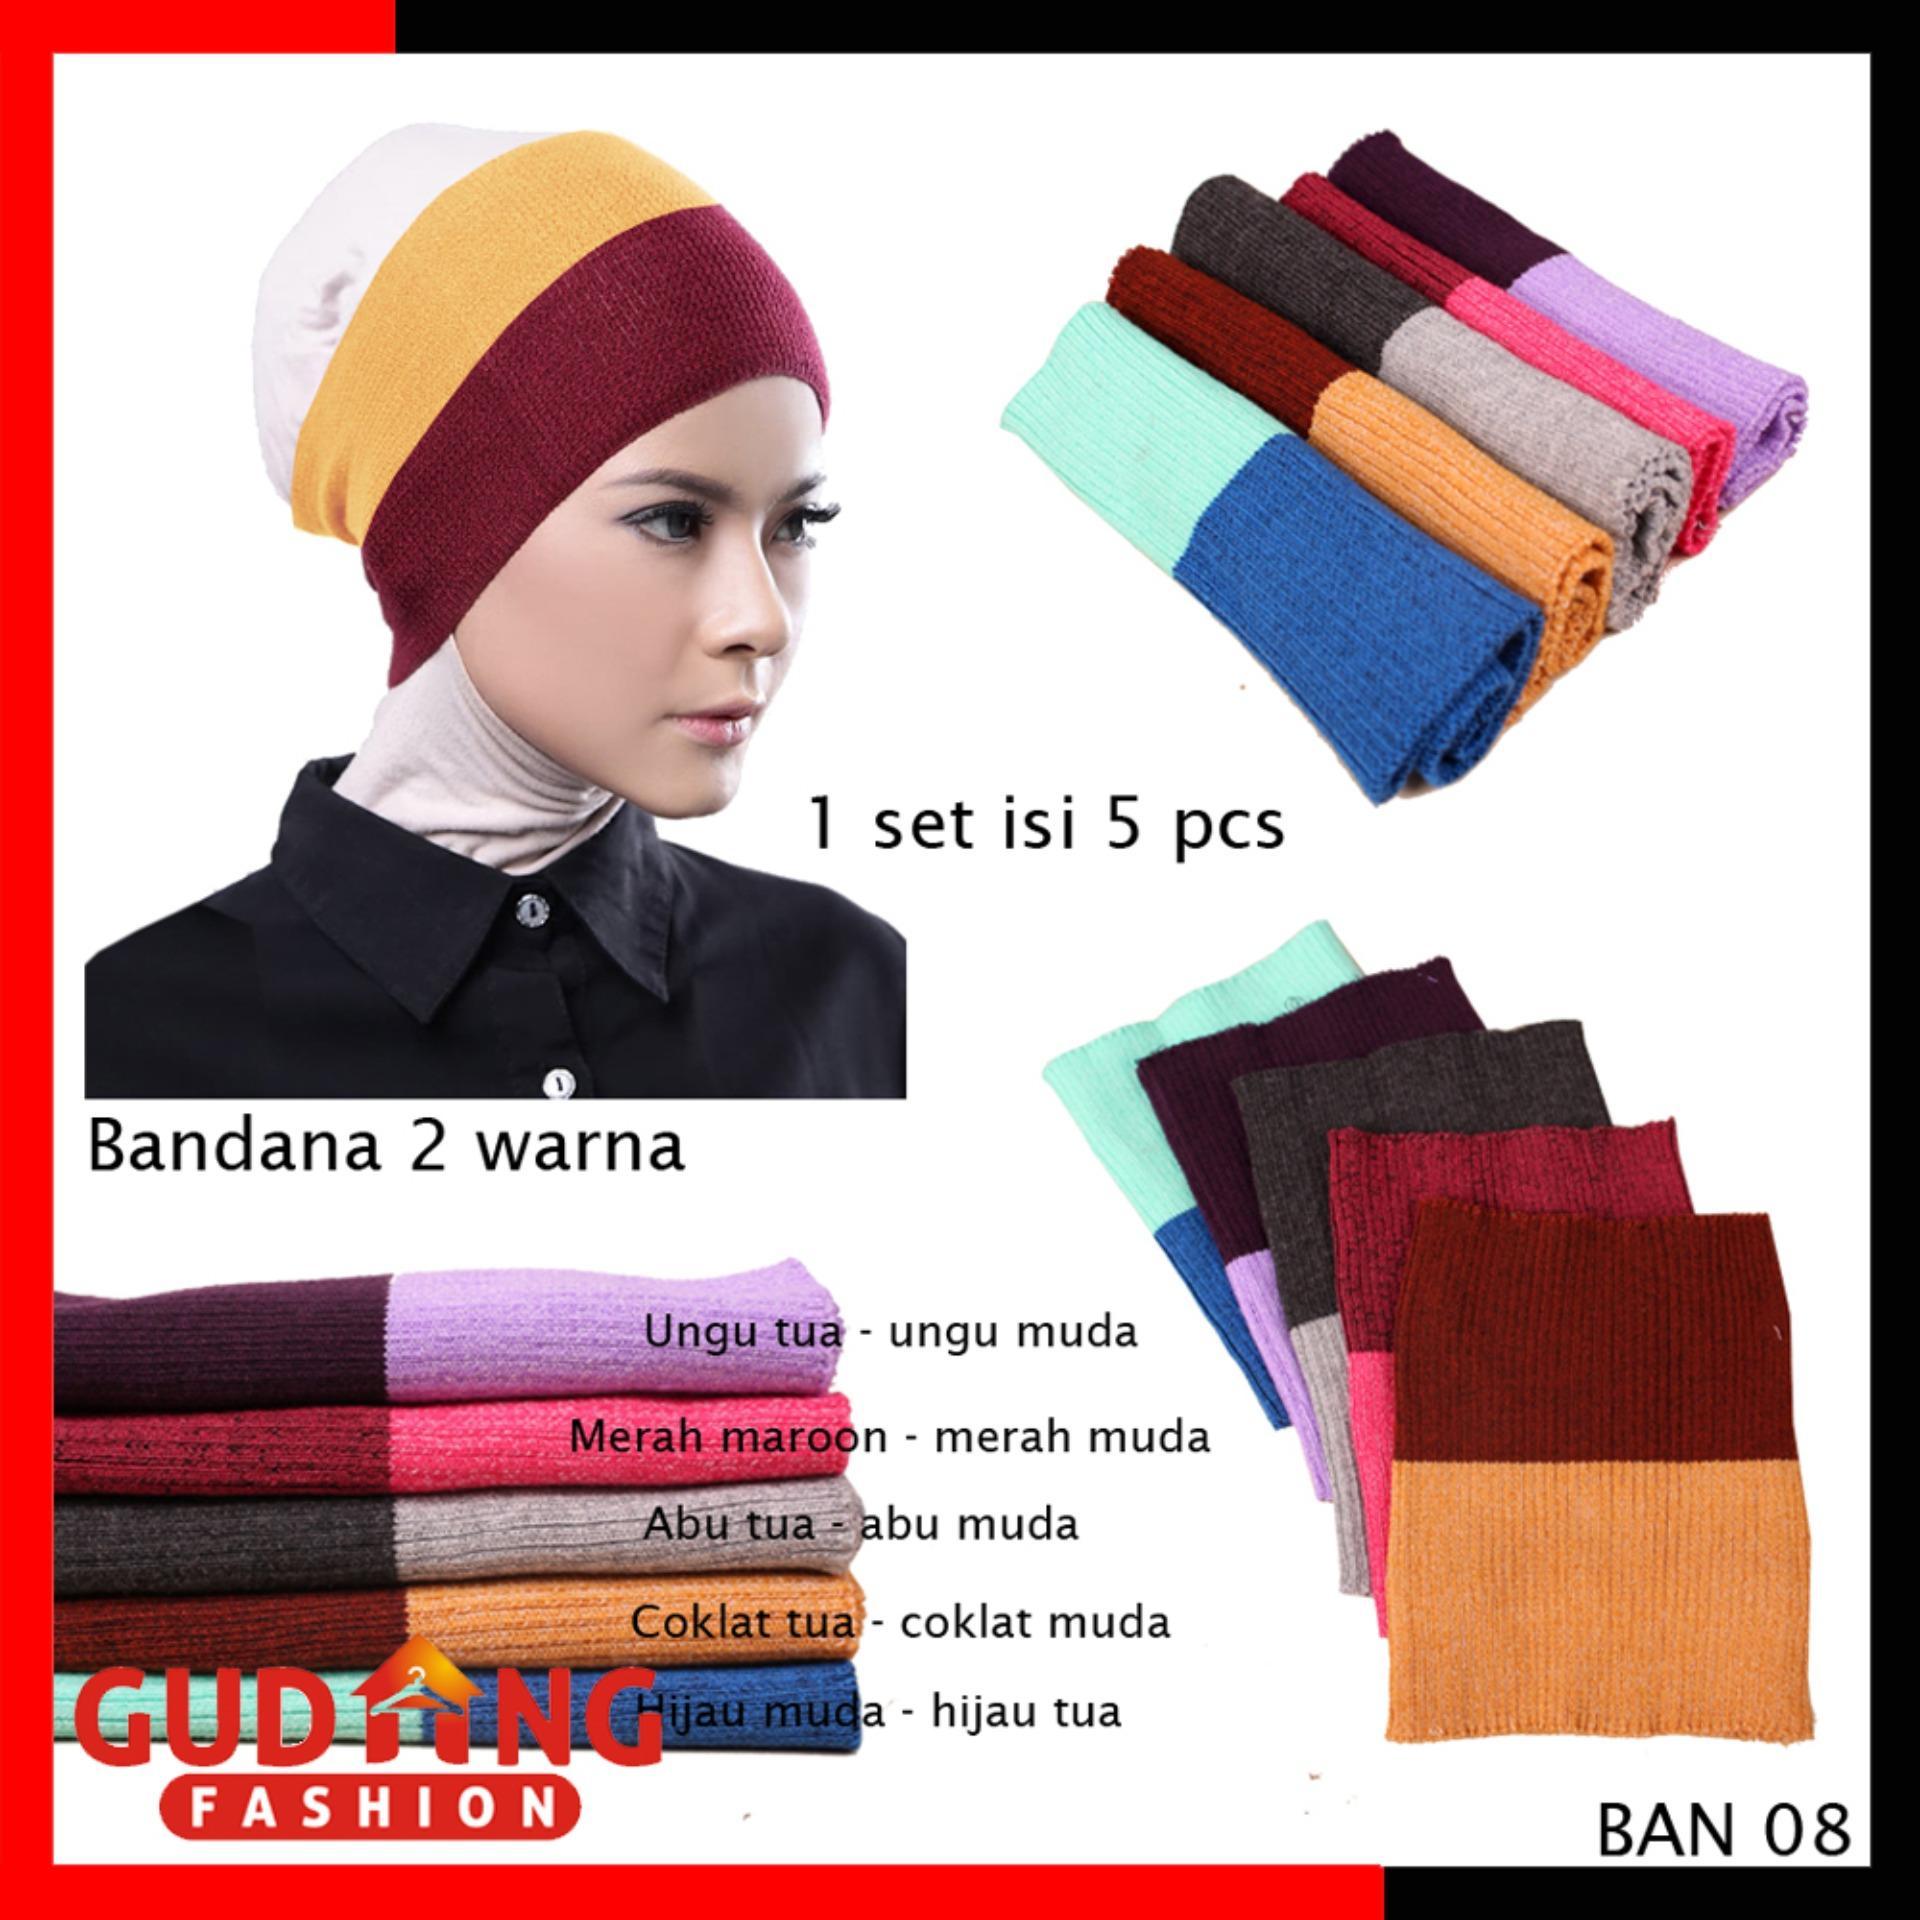 Gudang Fashion - Bandana Daleman Jilbab / Daleman Kerudung Bandana Isi Pcs - Kombinasi Warna